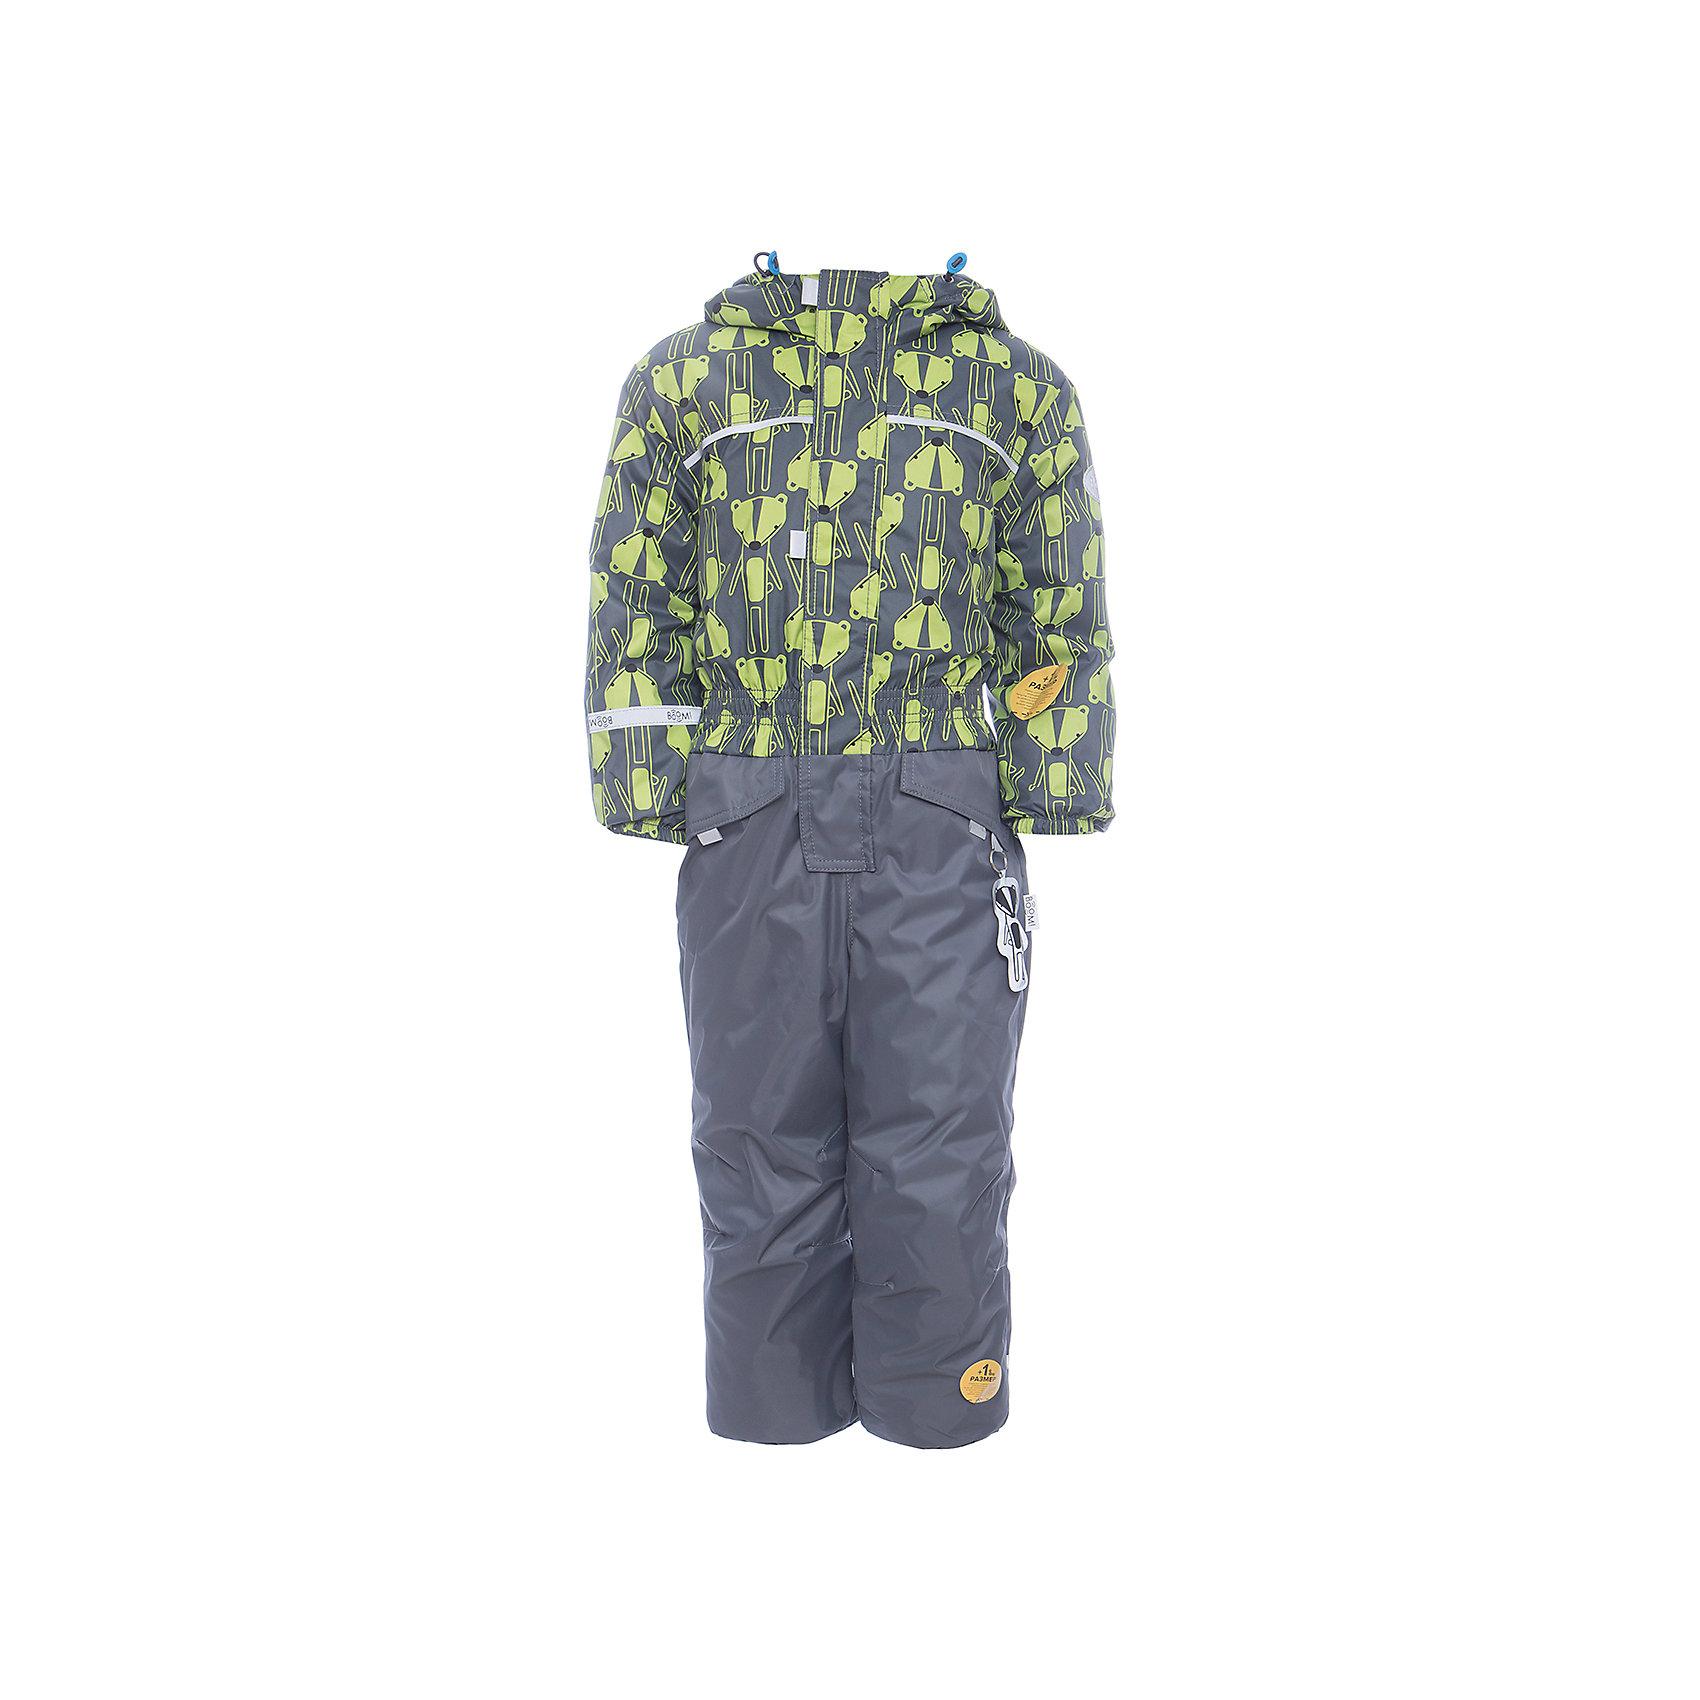 Комбинезон BOOM by Orby для мальчикаВерхняя одежда<br>Характеристики товара:<br><br>• цвет: серый<br>• ткань верха: Нейлон с мембранным покрытием 3000х3000<br>• подкладка: Поларфлис; ПЭ пуходержащий<br>• утеплитель: FiberSoft 150 г/м2<br>• сезон: демисезон<br>• температурный режим: от 0°до +15°С<br>• особенности: на молнии, с ветрозащитным клапаном на липучке<br>• тип комбинезона: с принтом, эластичные резинки на талии, рукавах и штанинах<br>• капюшон: без меха, несъемный<br>• страна бренда: Россия<br>• страна изготовитель: Россия<br><br>Красивый принтованный комбинезон для мальчика - одна из самых модных моделей наступающего сезона. Благодаря красивому цвету, капюшону и большим карманам детский комбинезон стильно смотрится и хорошо сидит по фигуре. <br><br>Комбинезон BOOM by Orby для мальчика можно купить в нашем интернет-магазине.<br><br>Ширина мм: 356<br>Глубина мм: 10<br>Высота мм: 245<br>Вес г: 519<br>Цвет: серый<br>Возраст от месяцев: 12<br>Возраст до месяцев: 15<br>Пол: Мужской<br>Возраст: Детский<br>Размер: 80,116,110,98,86,92,104<br>SKU: 7007450